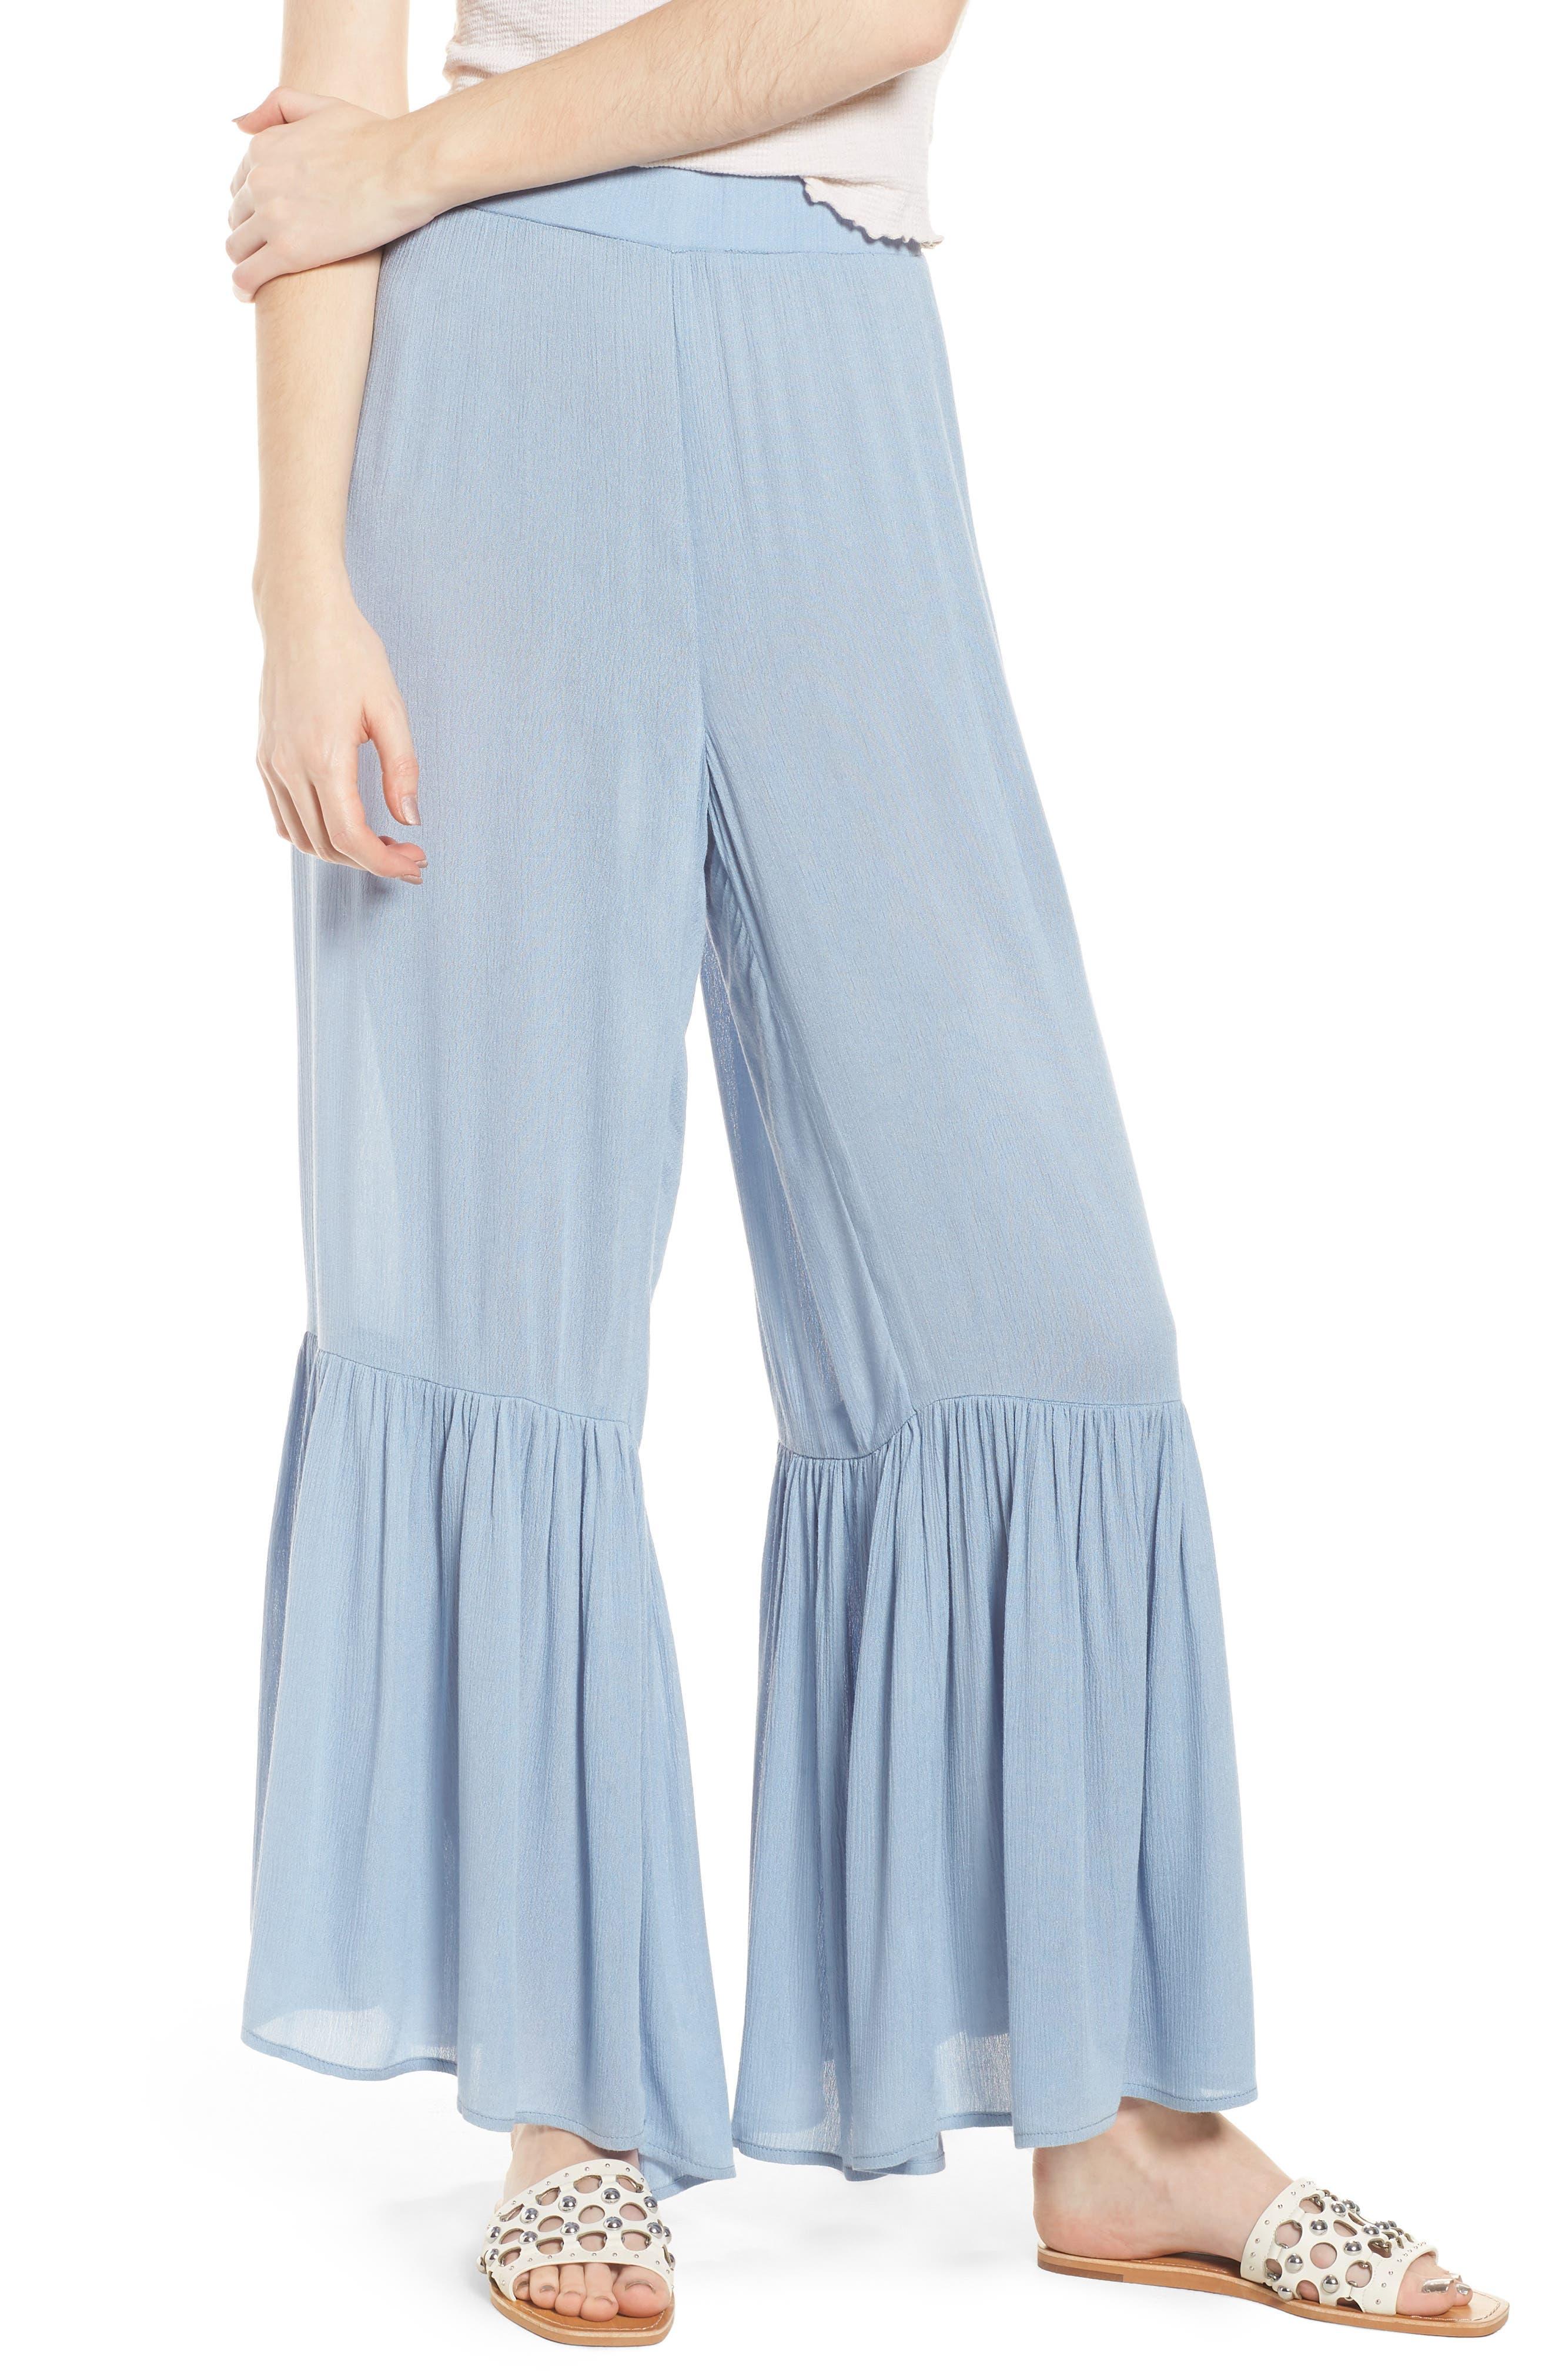 Mystique Ruffle Hem Beach Pants,                         Main,                         color, Blue